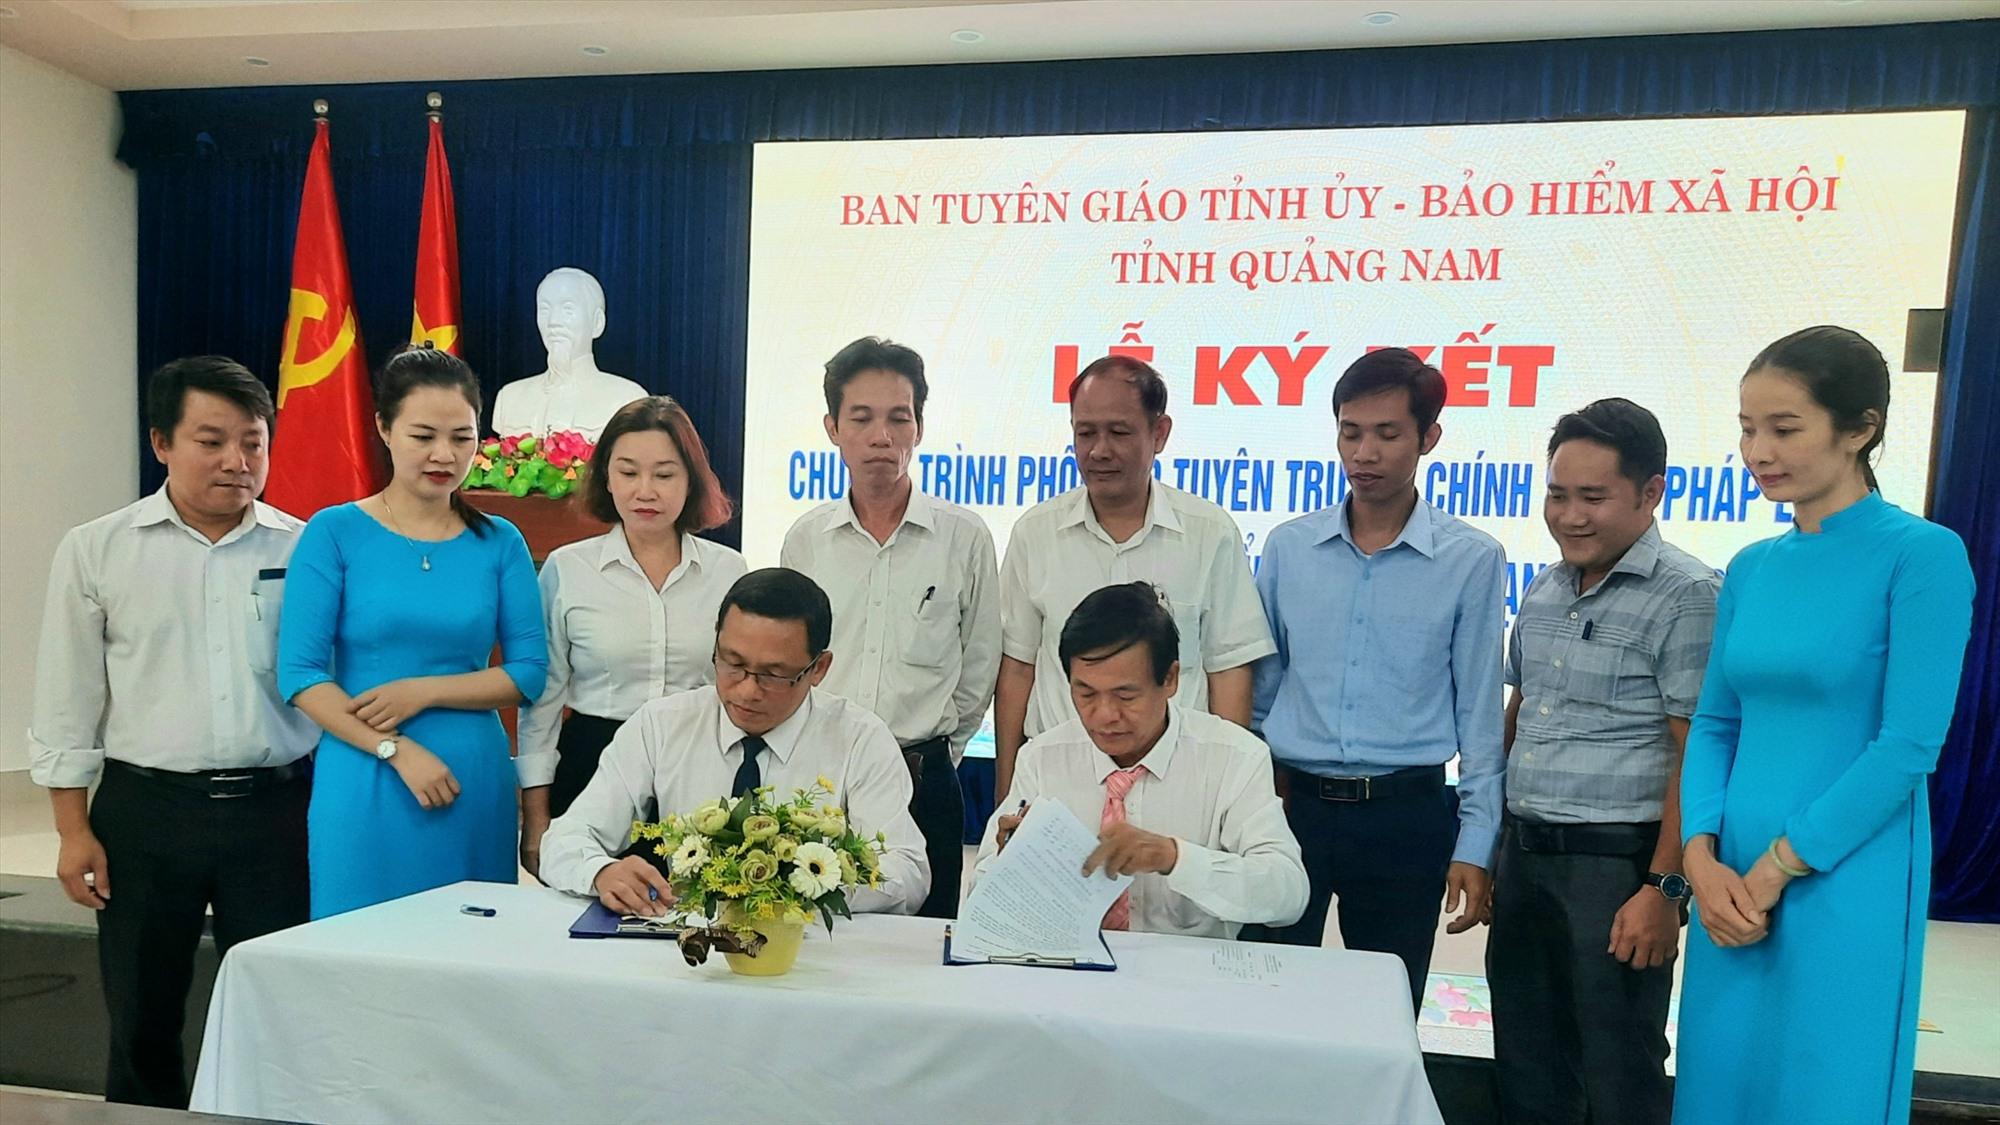 Sự phối hợp giữa Ban Tuyên giáo Tỉnh ủy và BHXH Quảng Nam sẽ giúp đẩy mạnh công tác phổ biến, tuyên truyền, thực hiện tốt chủ trương, chính sách, pháp luật về BHXH, BHYT đến nhân dân. Ảnh: H.ĐẠO